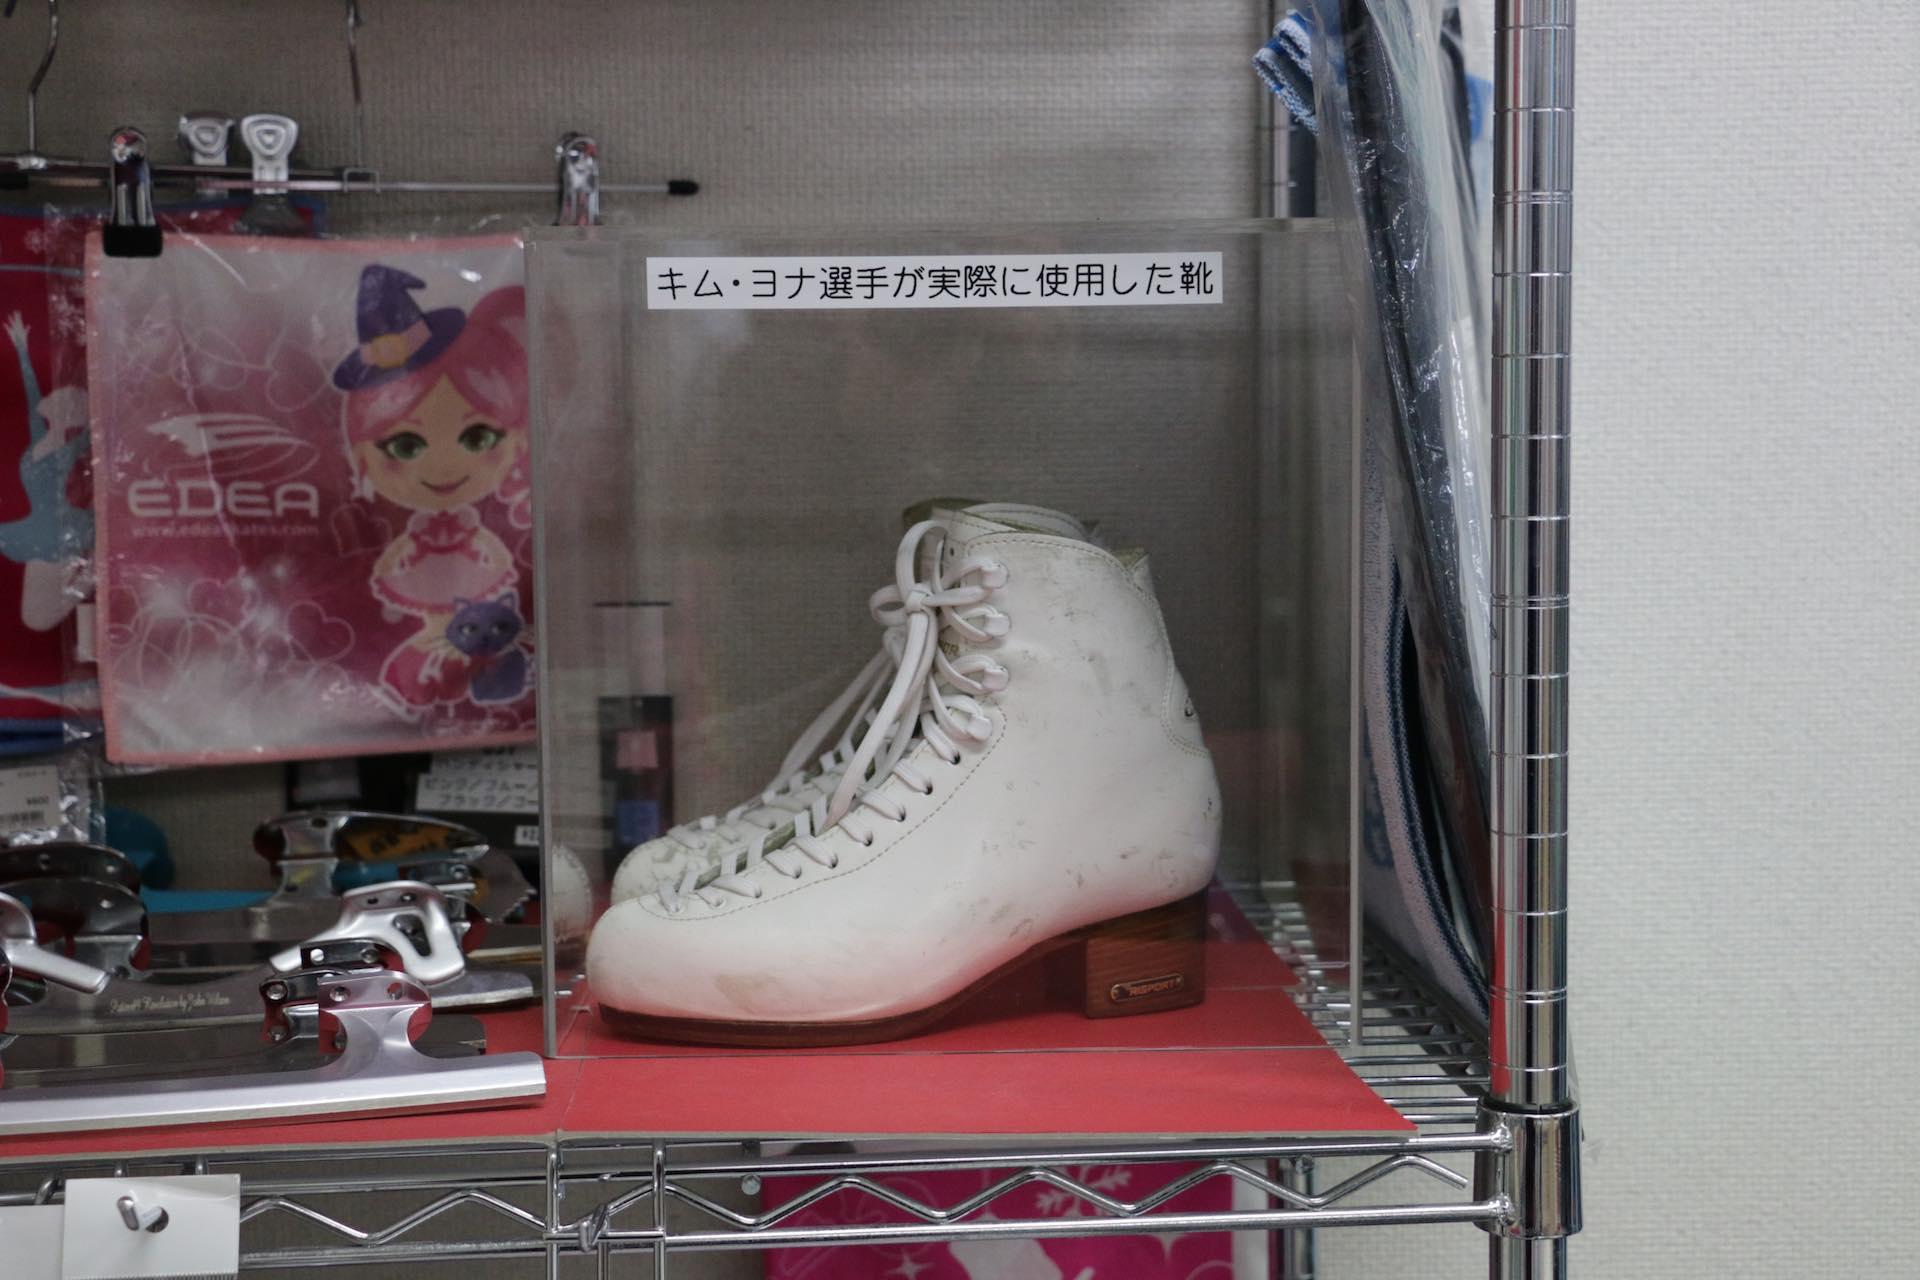 お店の一角には、キム ヨナ選手が実際に使用した靴が飾られていました